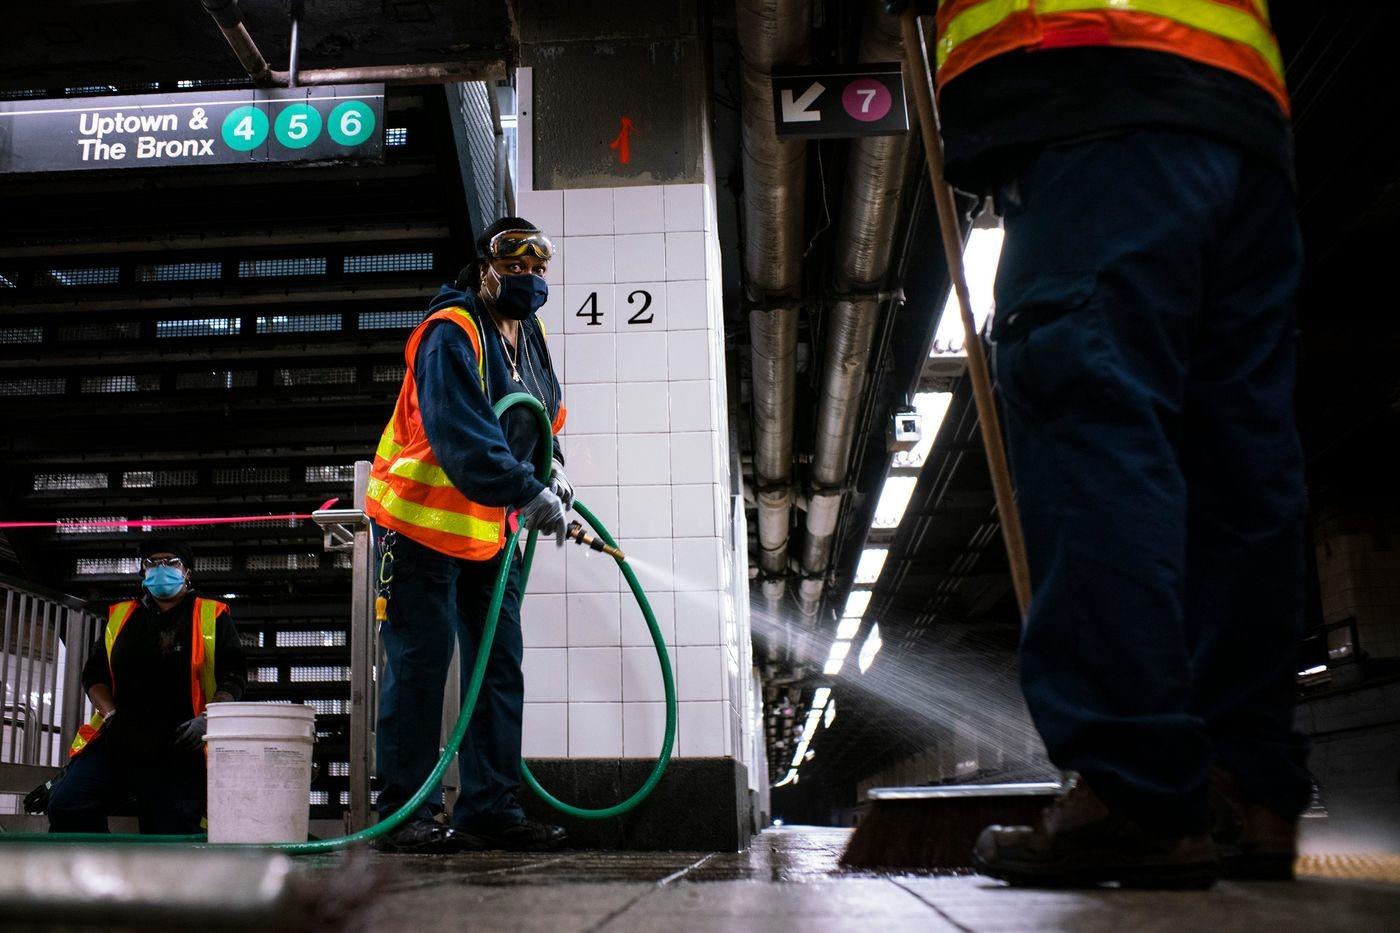 عمليات تنظيف مستمرة لضمان سلامة الركاب والموظفين (غيتي).jpg